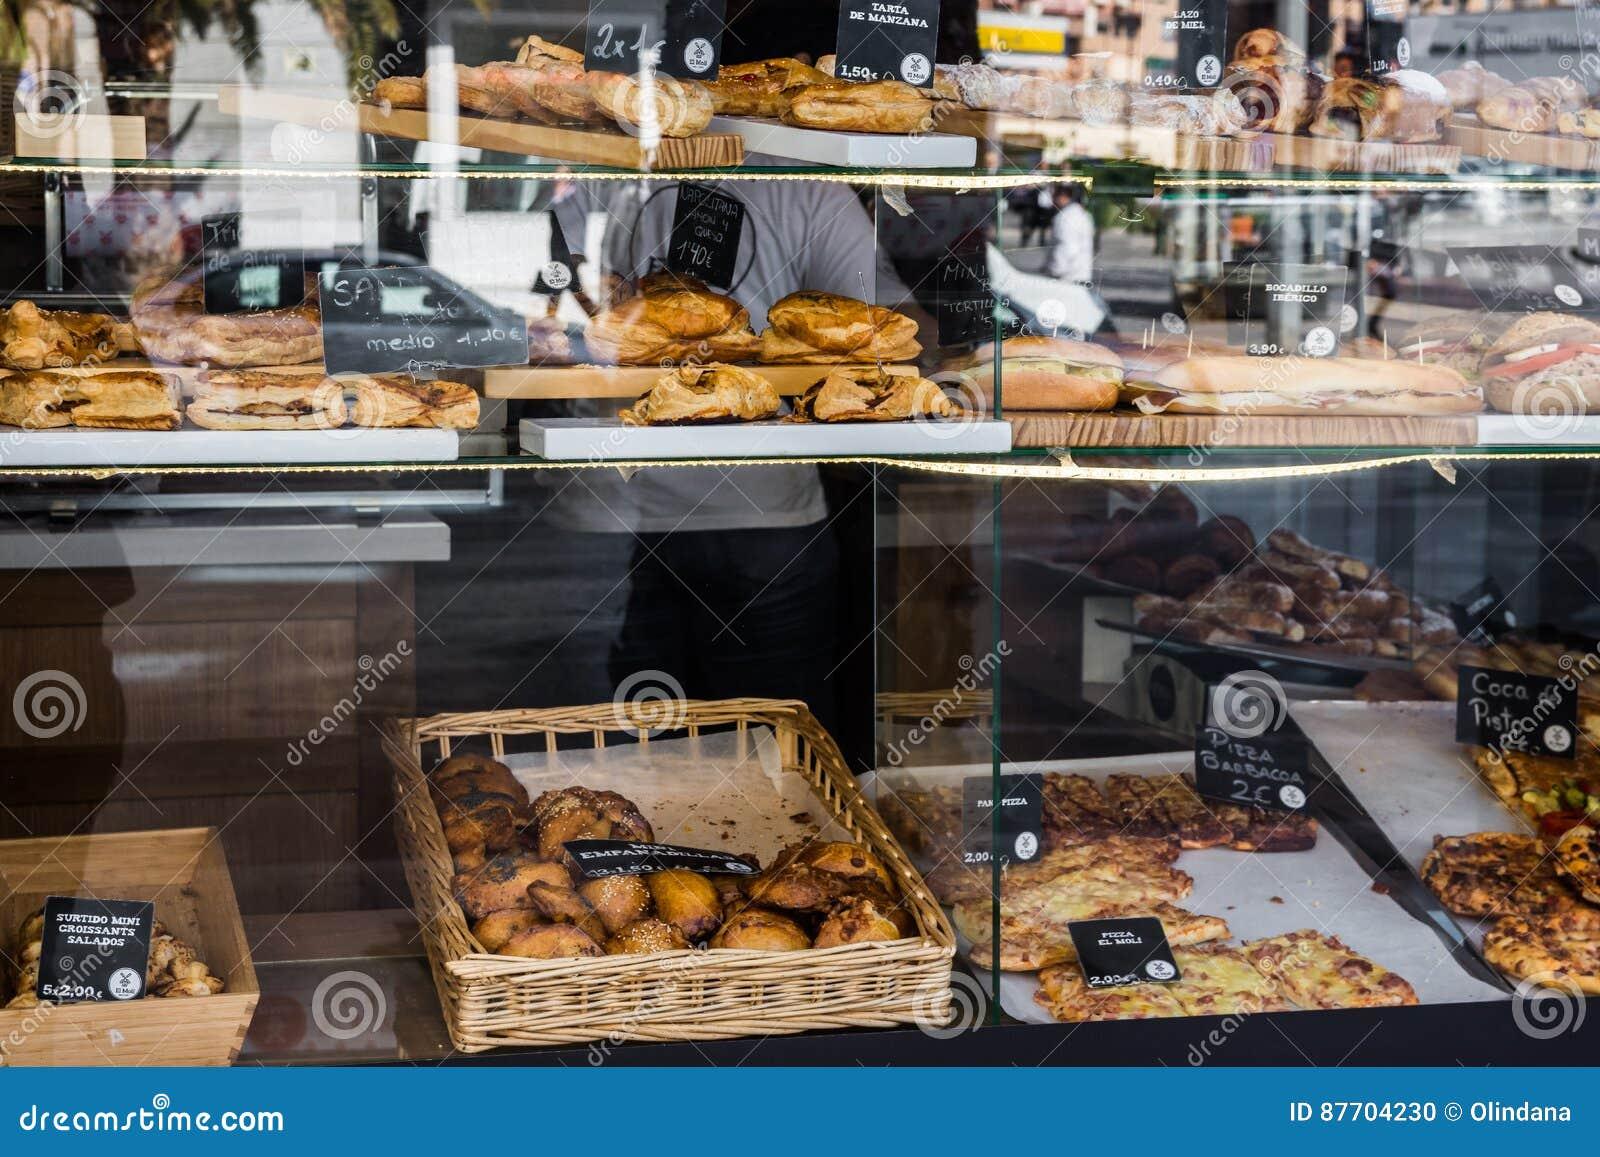 Viseur de boulangerie et de boutique de pâtisserie avec la variété de pains, tartes, empanadas espagnols traditionnels